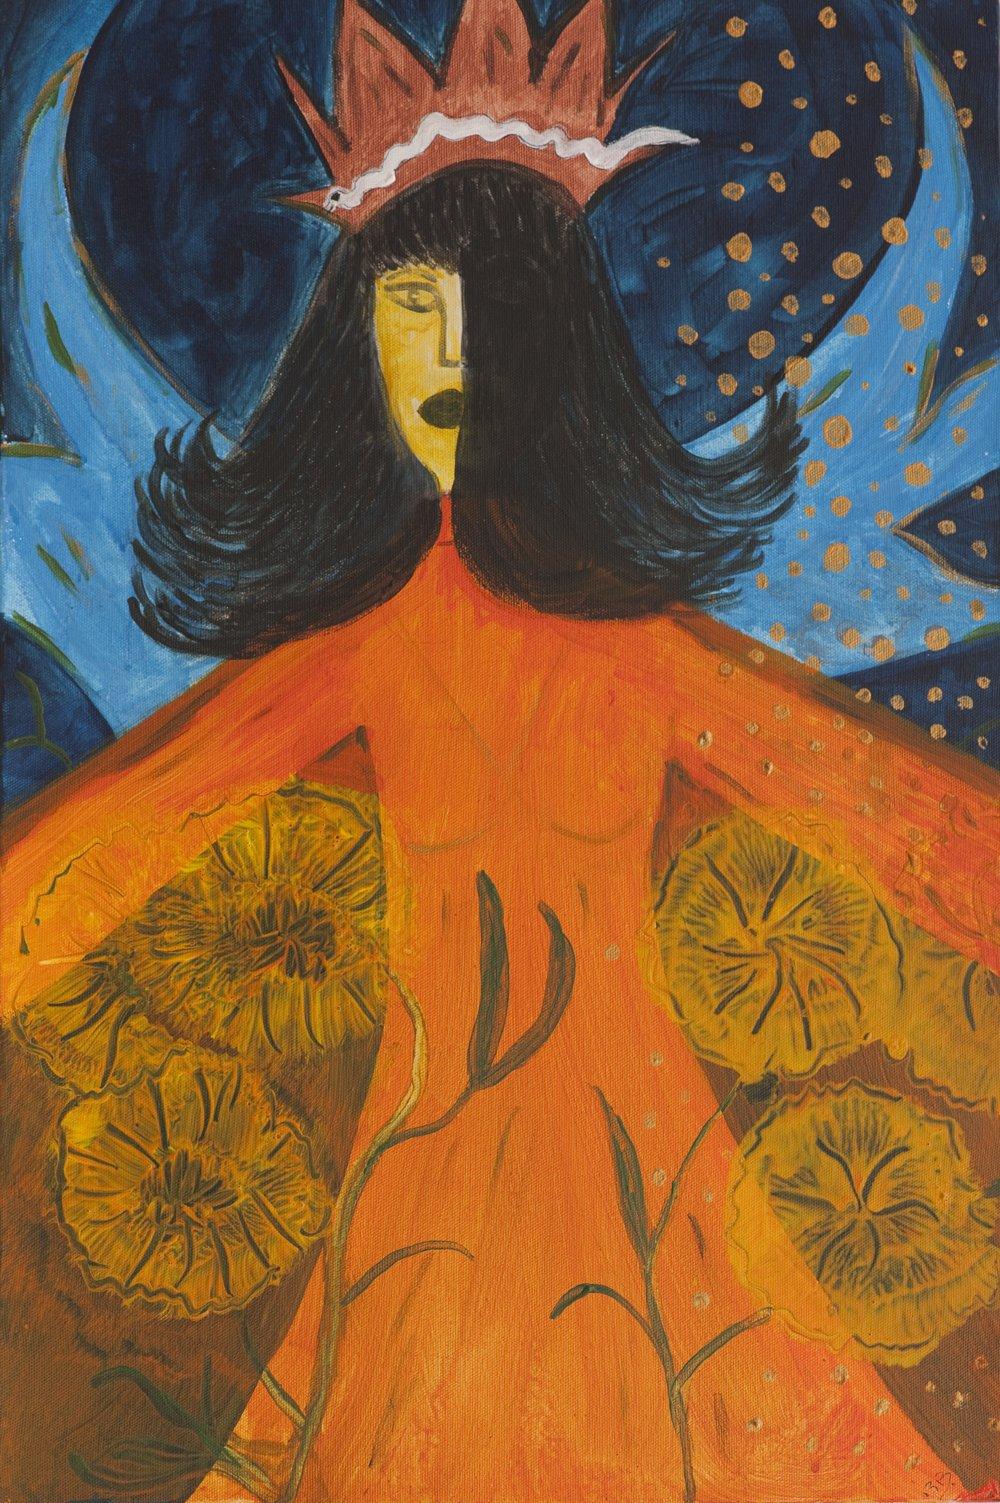 Resultado de imagen para diosa de la fortuna pintura